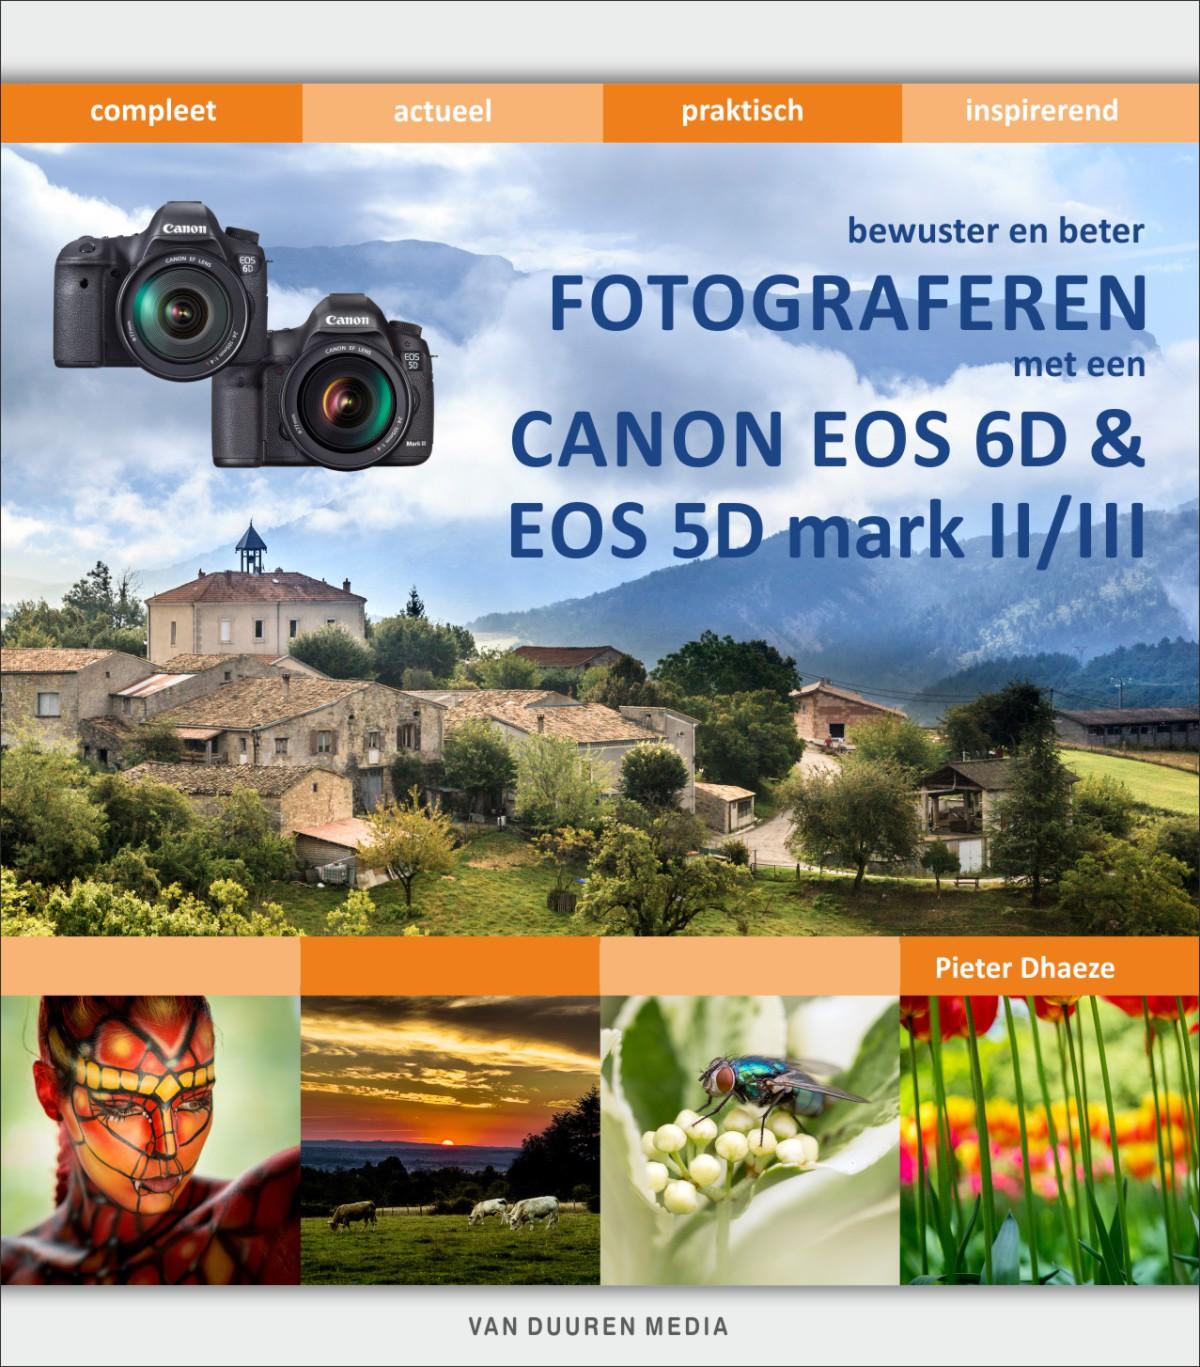 Bewuster en beter fotograferen met de Canon EOS 6D en EOS 5D mark II/III- Pieter Dhaeze, isbn 9789059407824